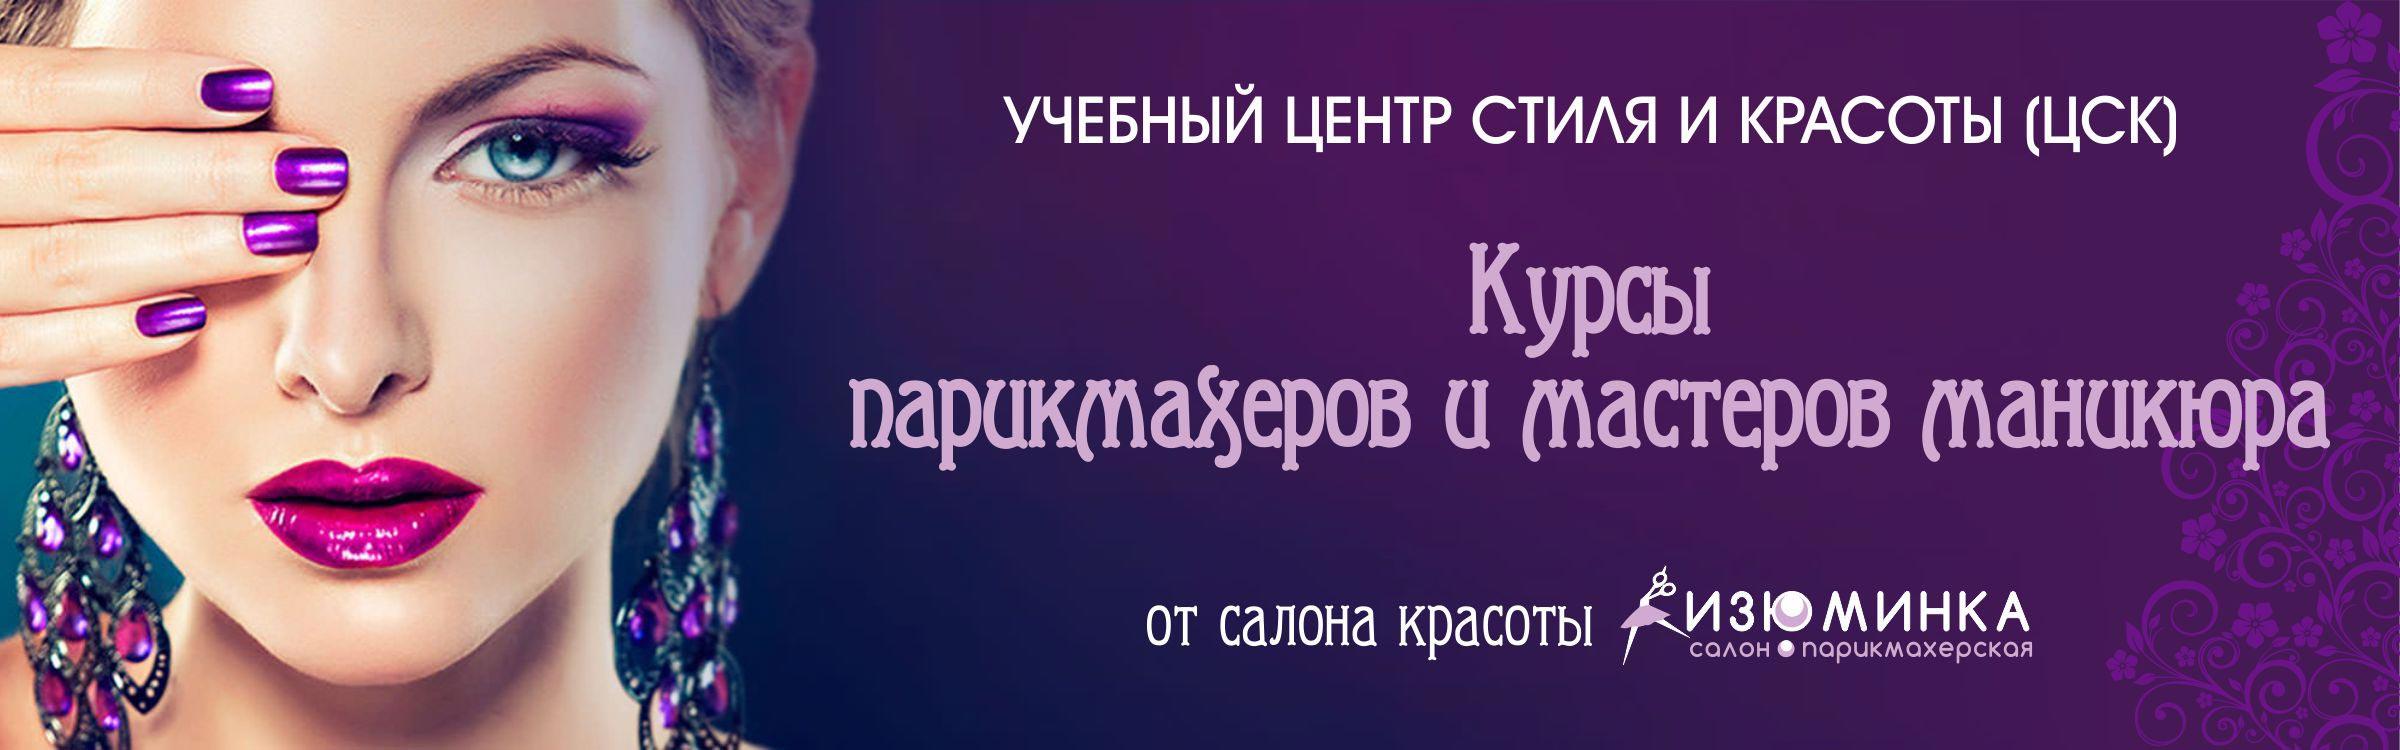 Курсы обучения 'ЦСК - Курсы обучения' в Смоленске. Главная страница